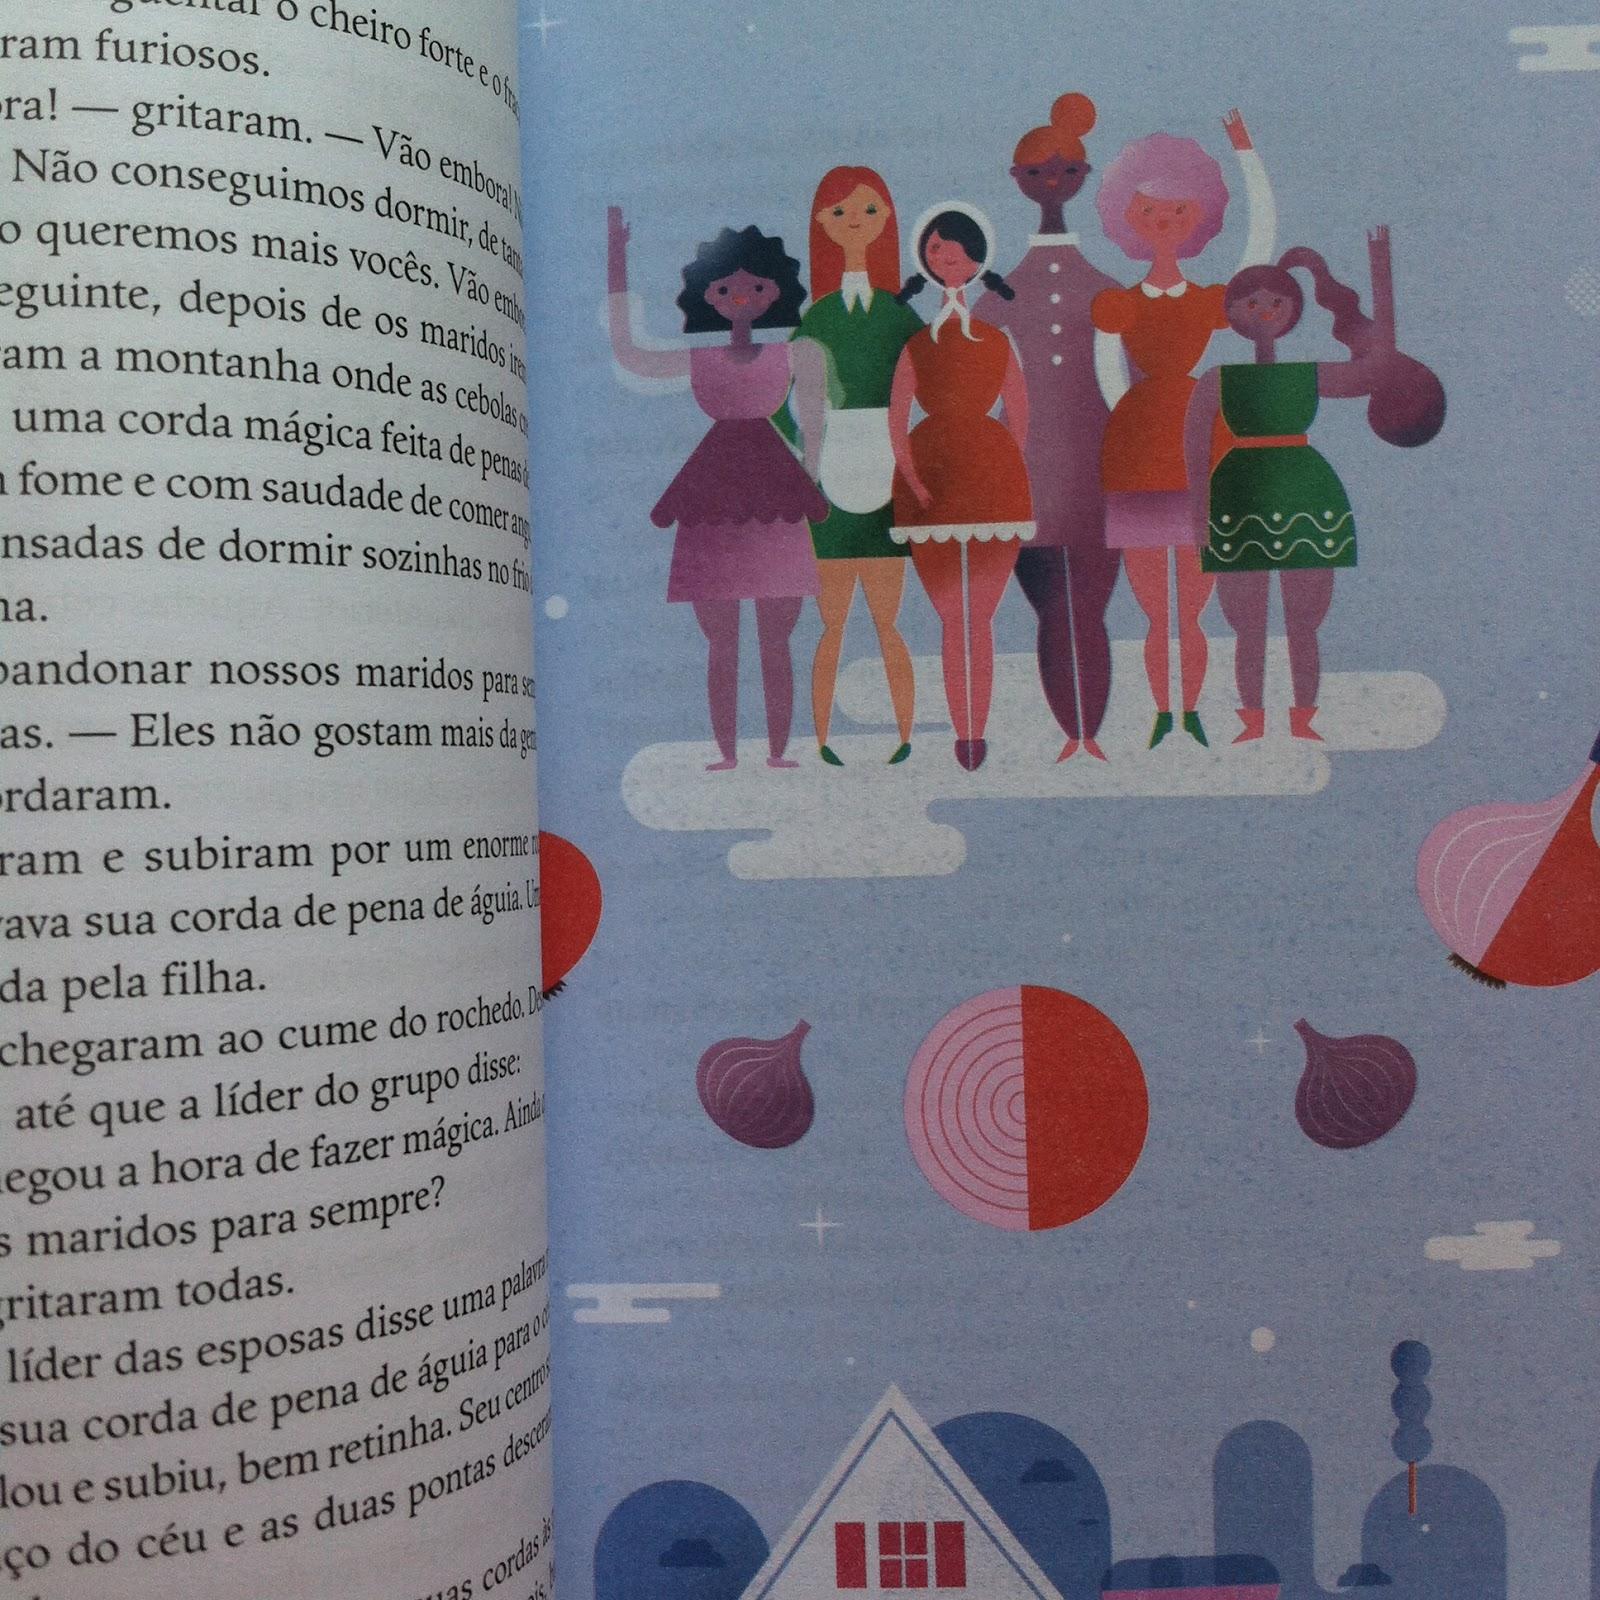 Livros para empoderar meninas terceira parte kids indoors clique aqui para ver o post completo do livro fandeluxe Choice Image